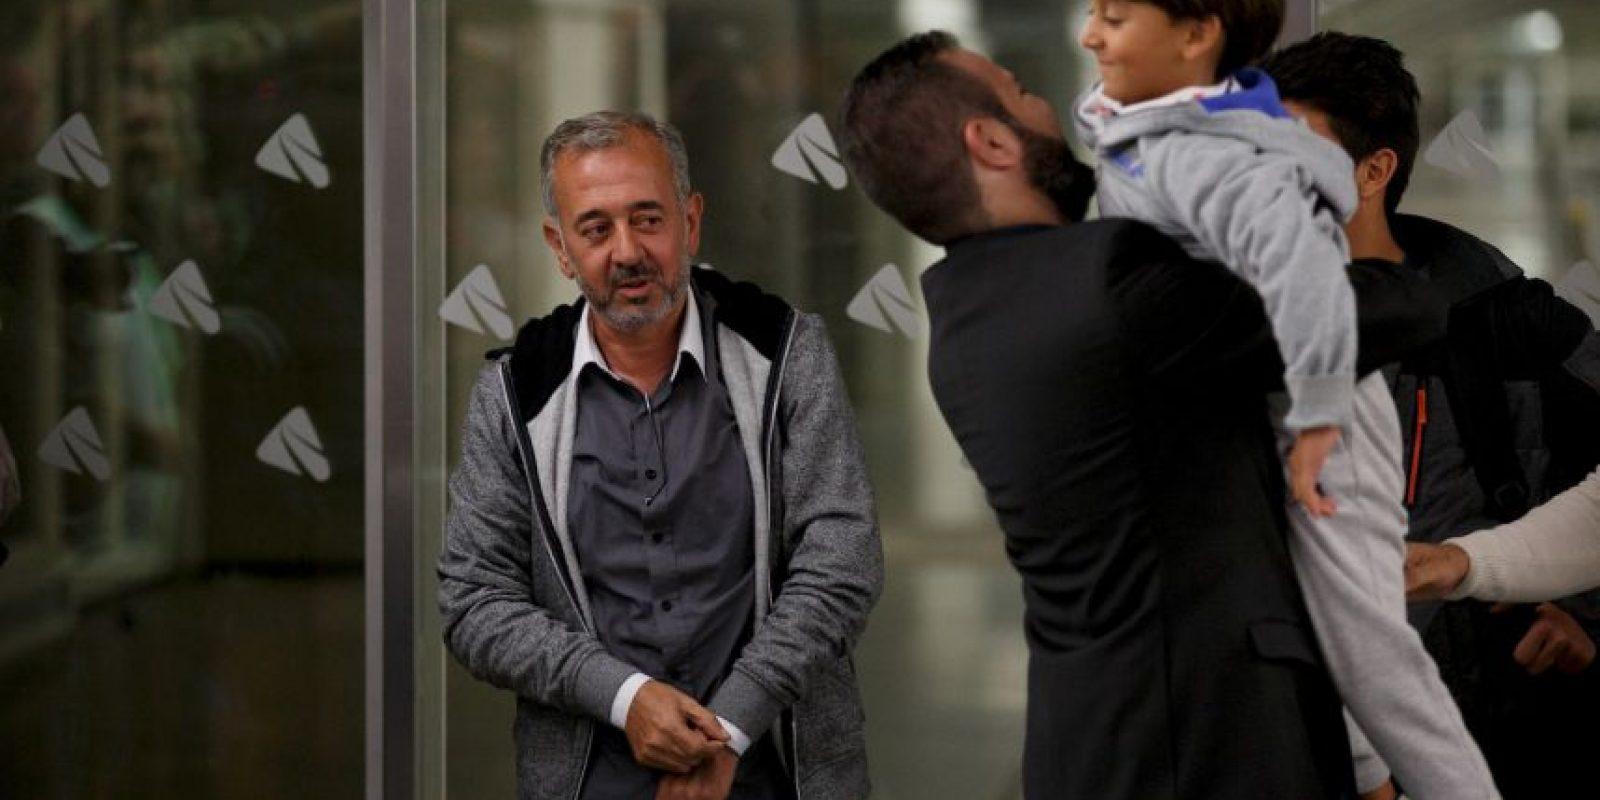 DT refugiado sirio es despedido por no hablar español Foto:Getty Images